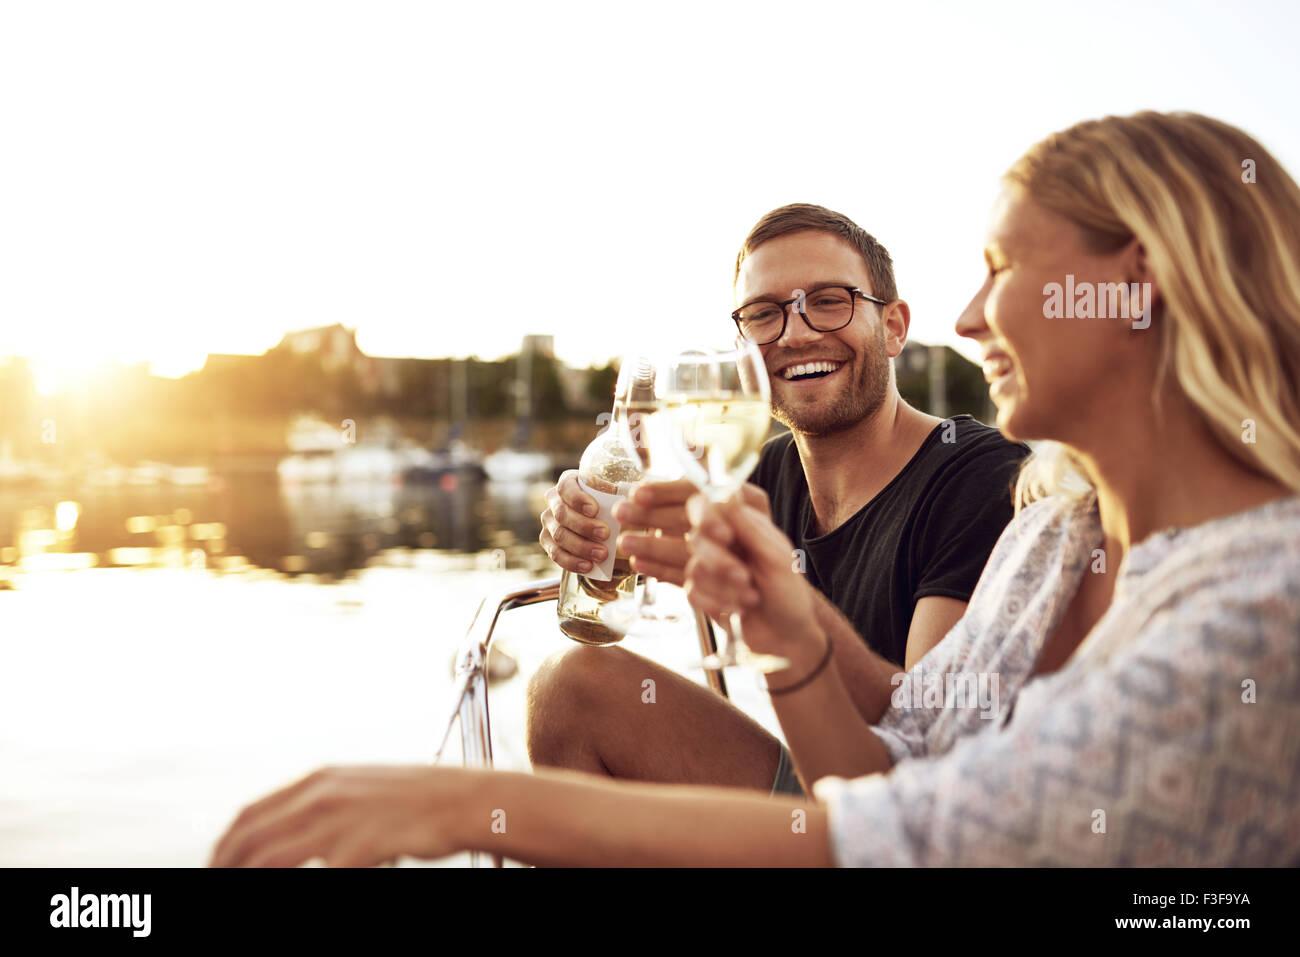 Glückliches Paar Gläser an einem Sommerabend Toasten Stockbild